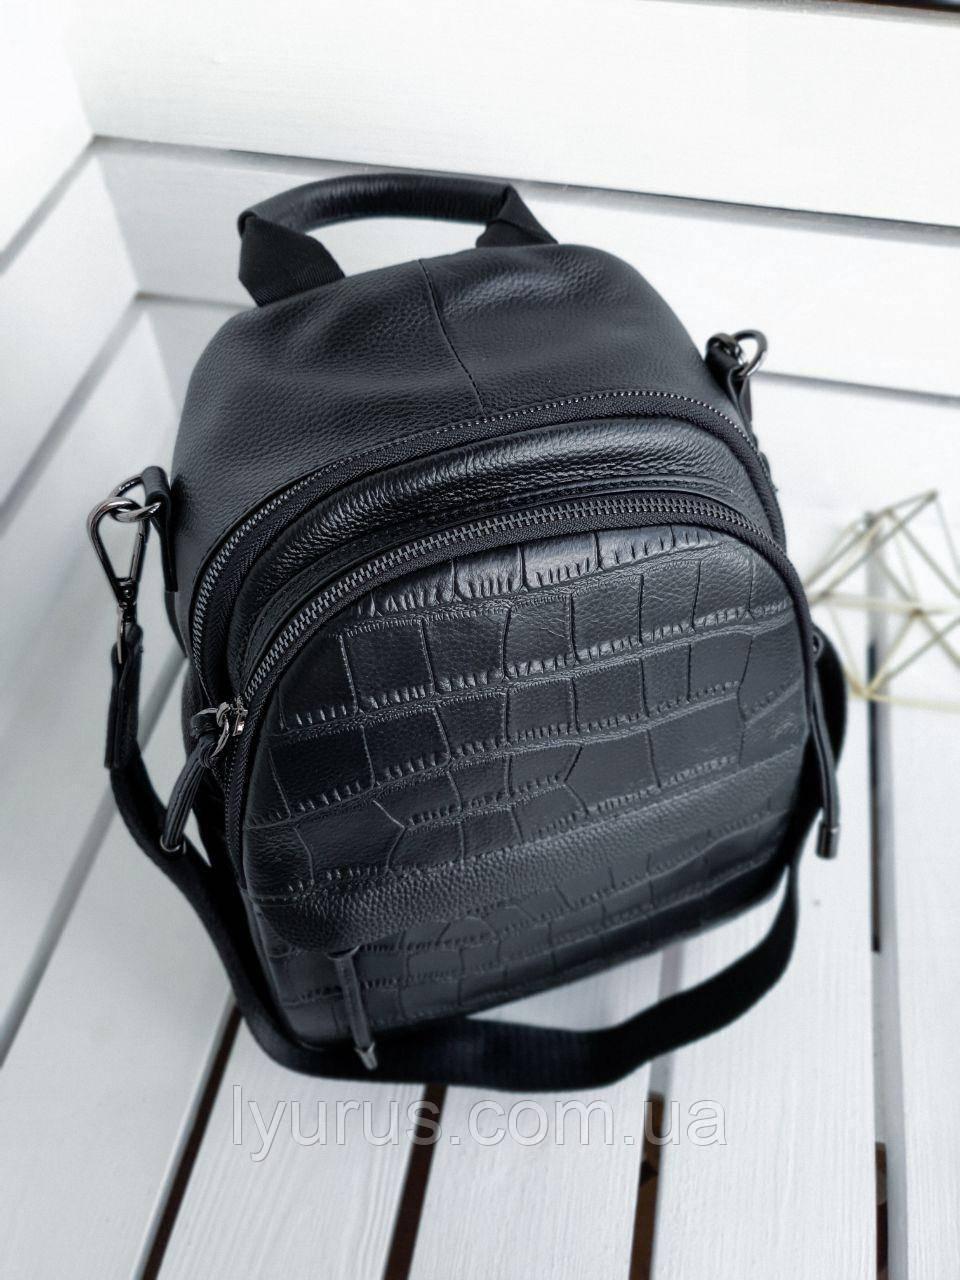 Женский кожаный рюкзак с карманом спереди